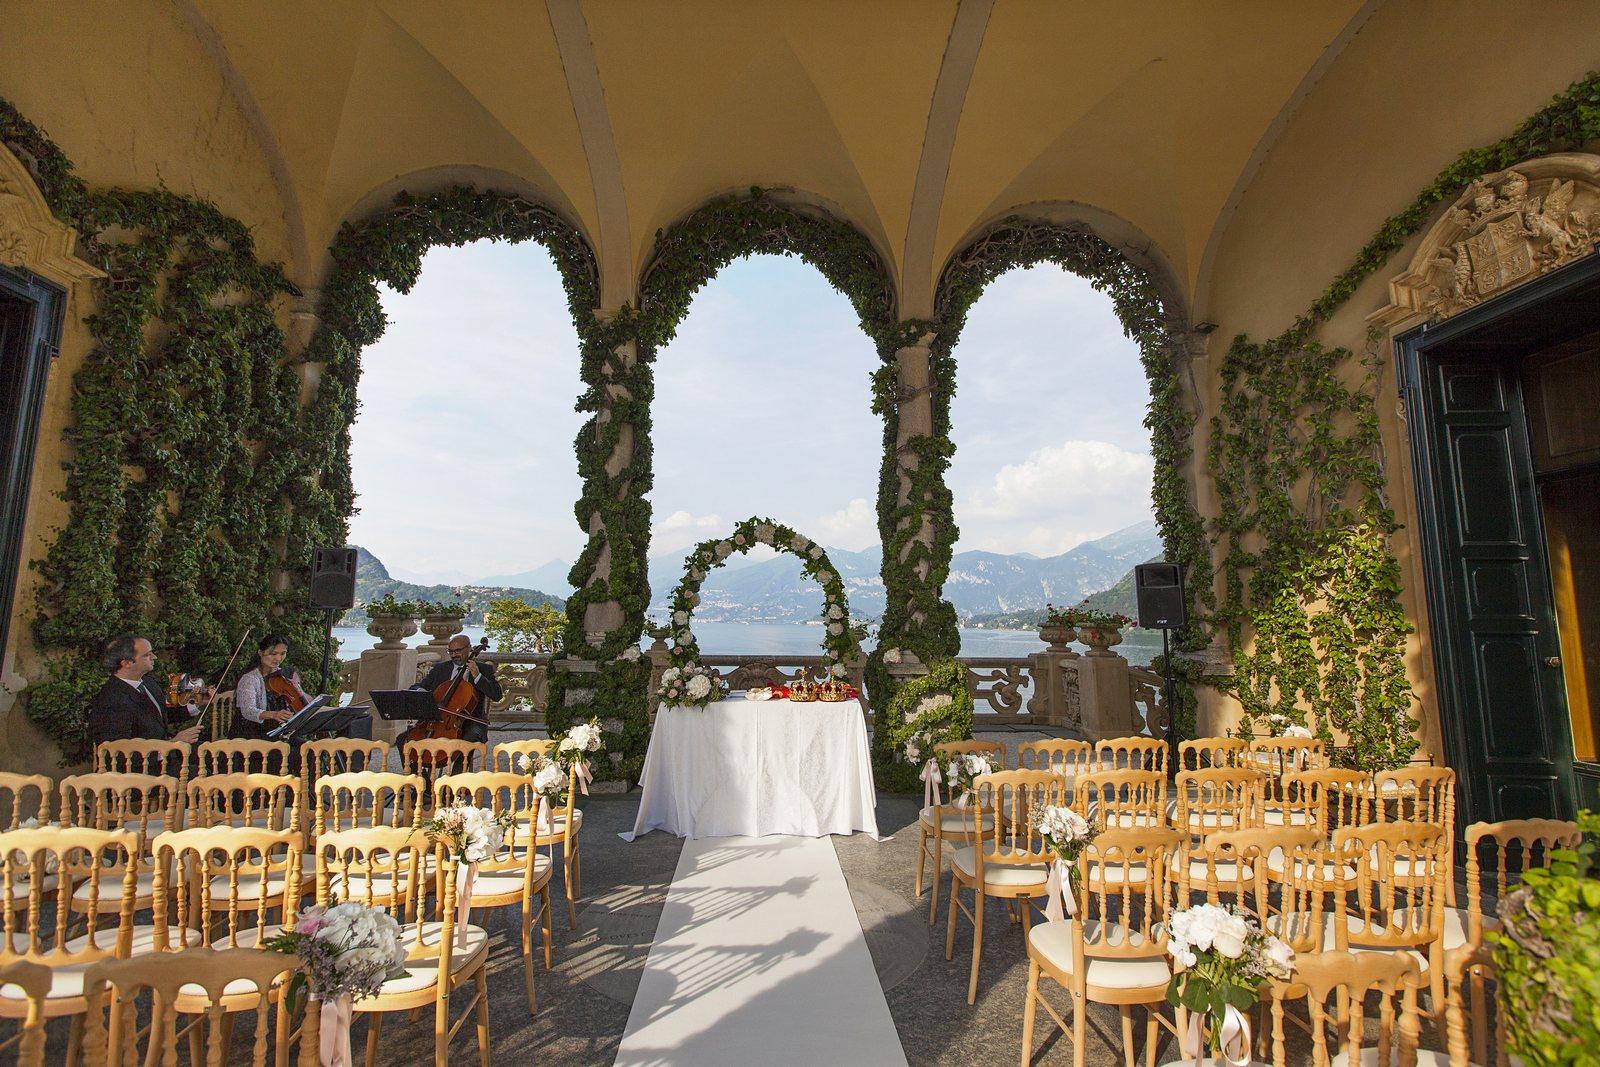 Ceremony in Villa Balbianello